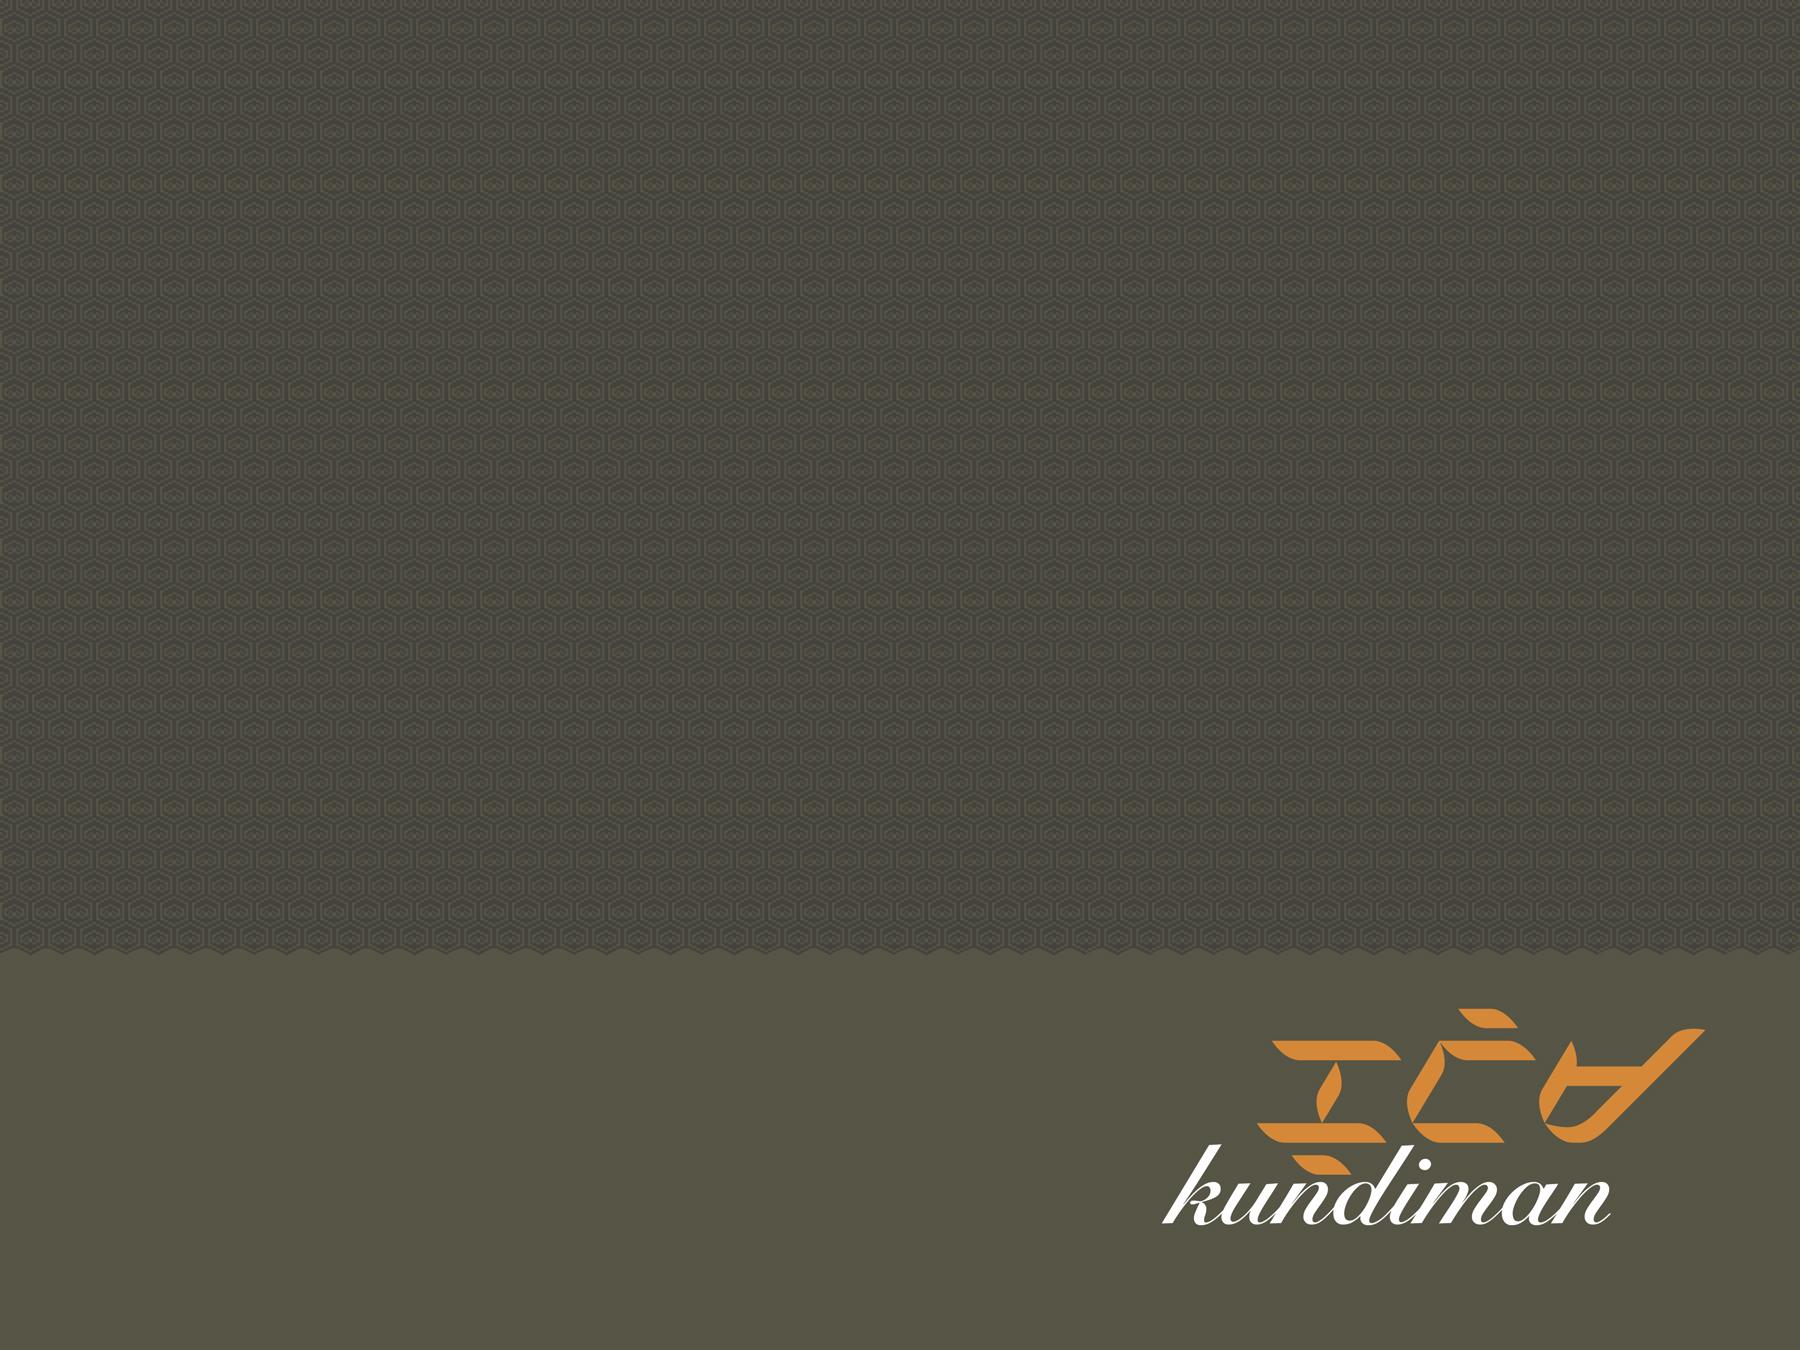 Kundiman, landing page